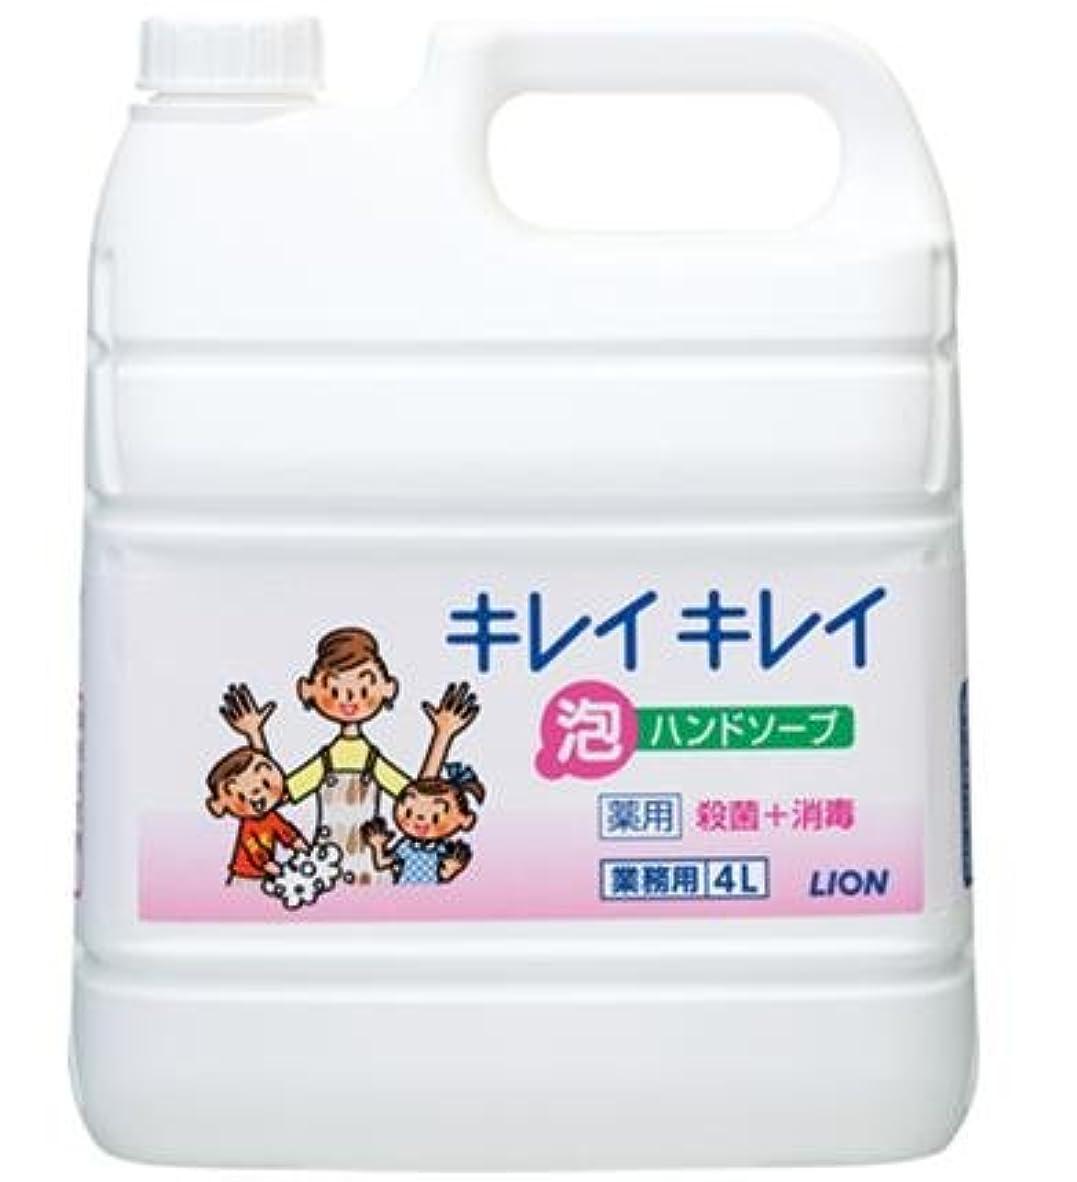 要求する不正確マイナスキレイキレイ薬用泡ハンドソープ 4Lボトル+専用泡容器250mLセット